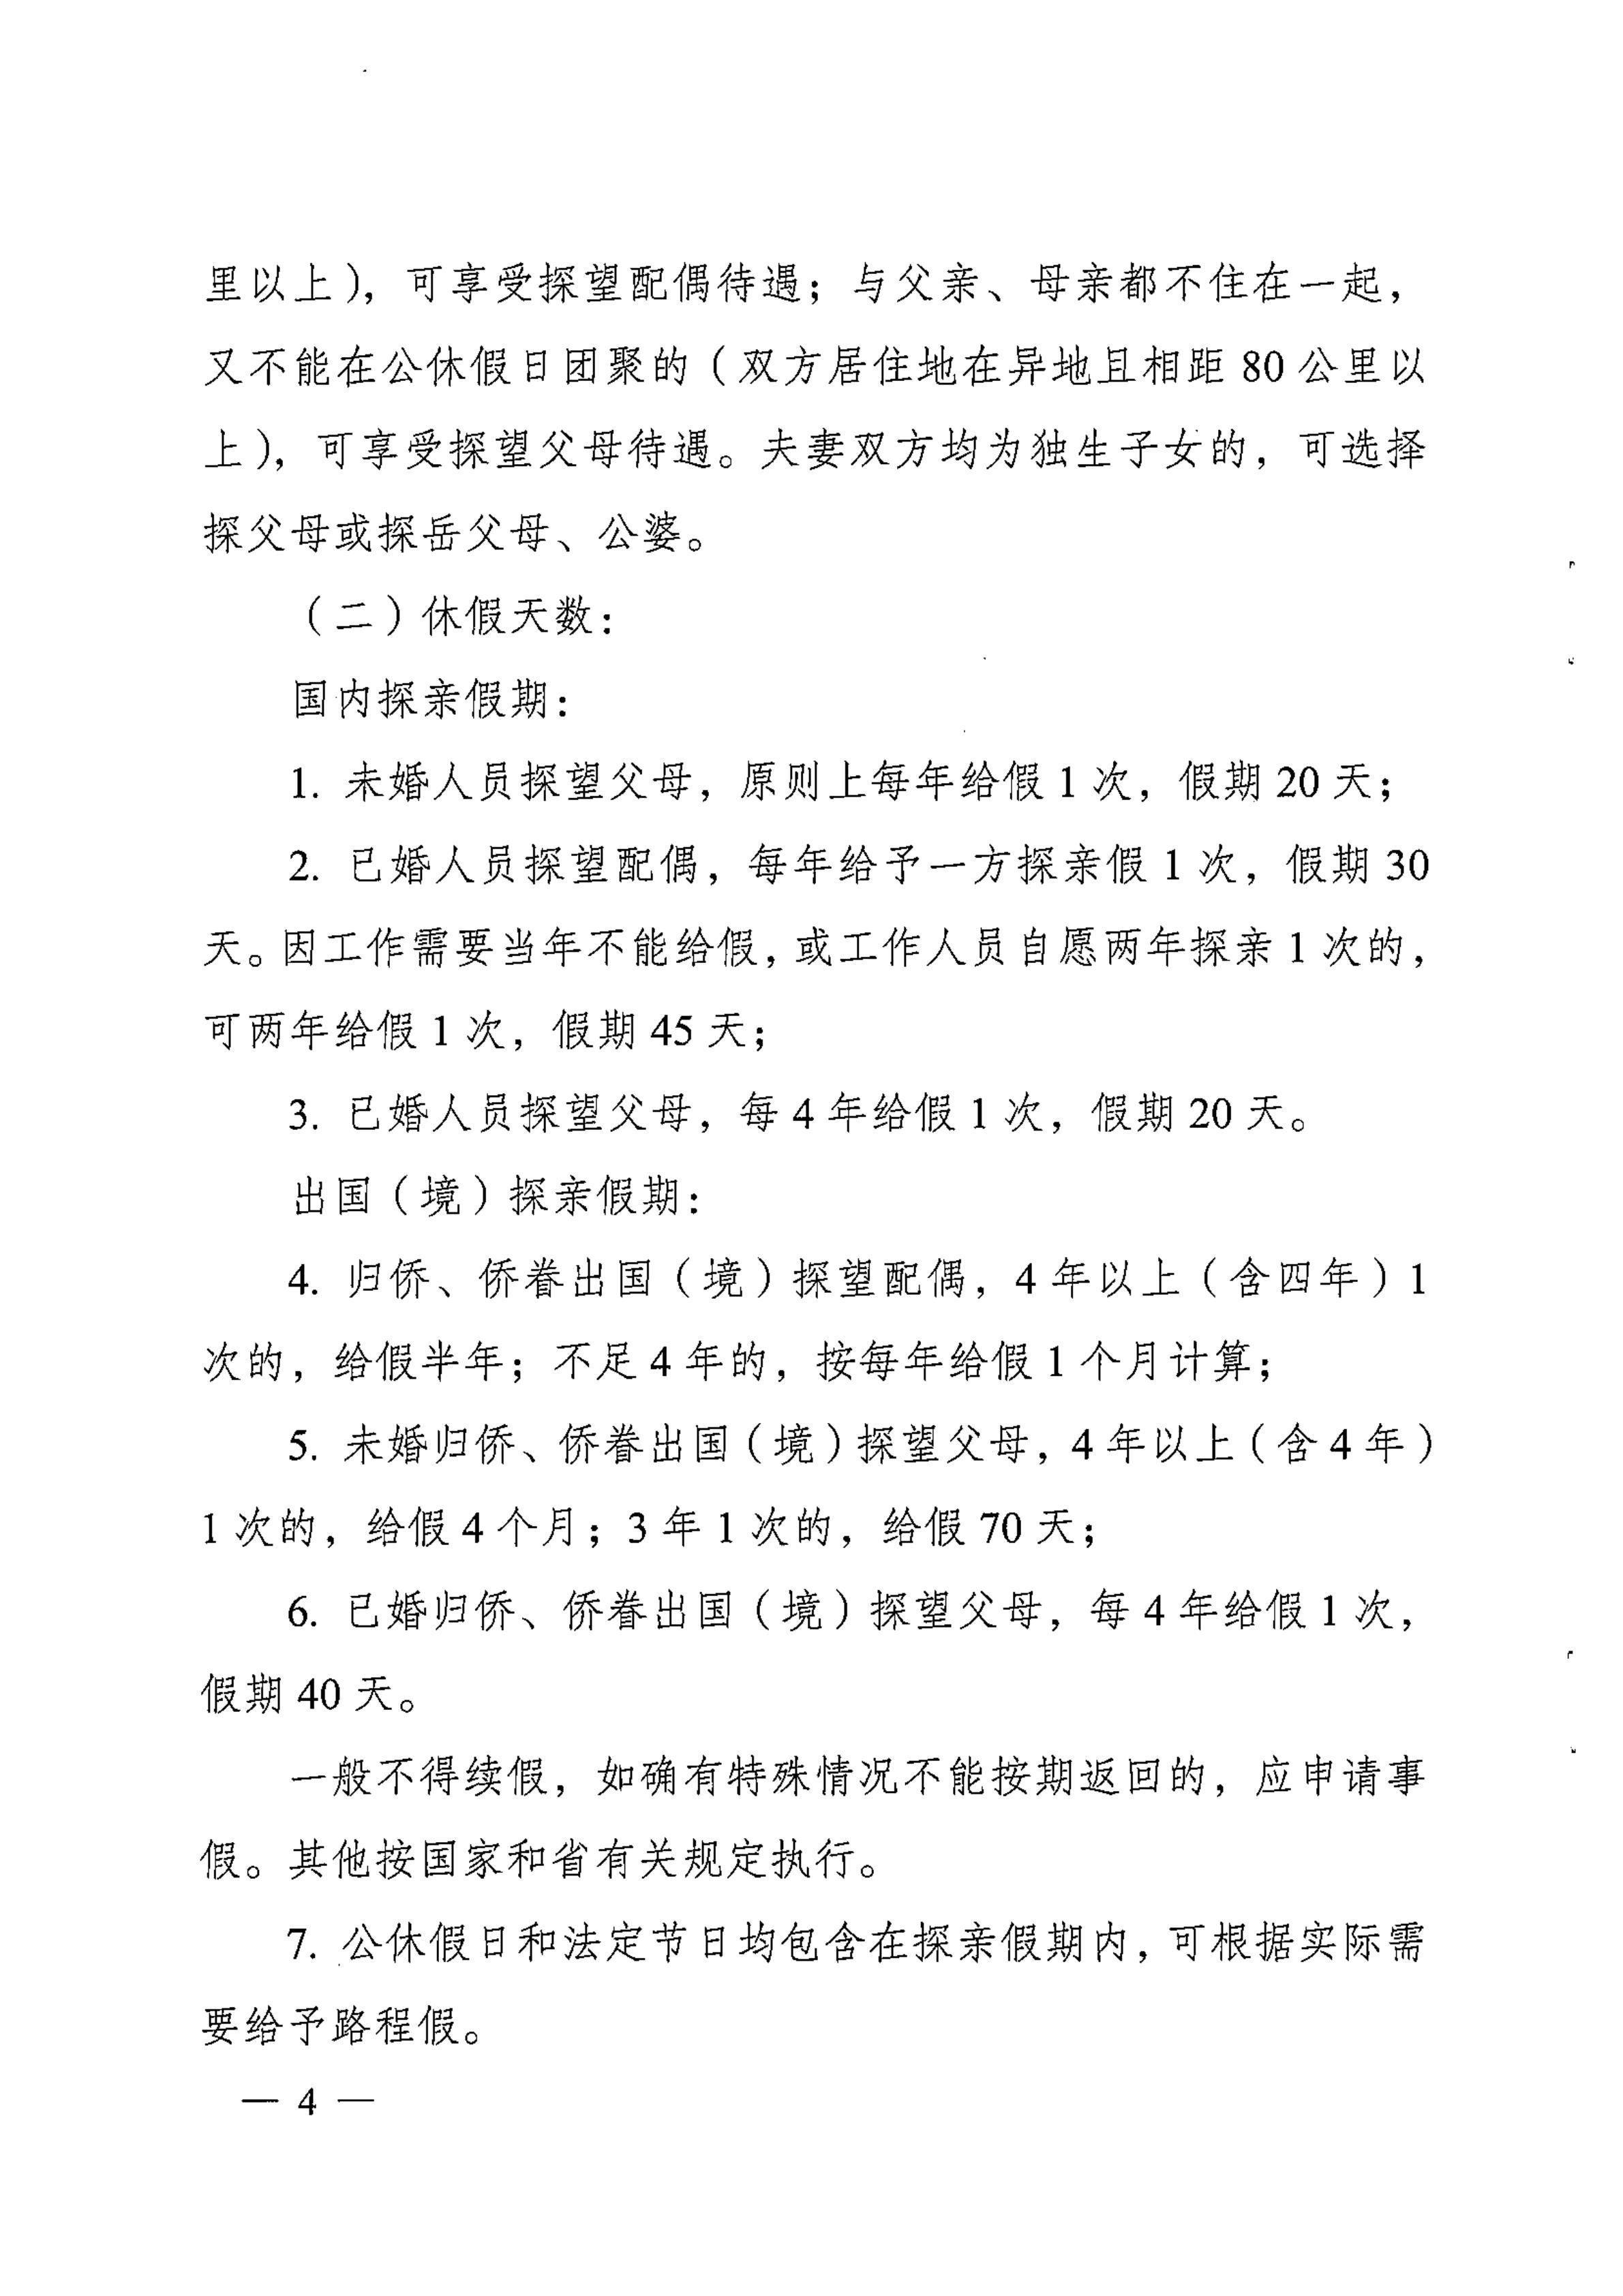 关于印发《广东省人民政府发展研究中心工作人员休假管理办法》的通知_03.jpg